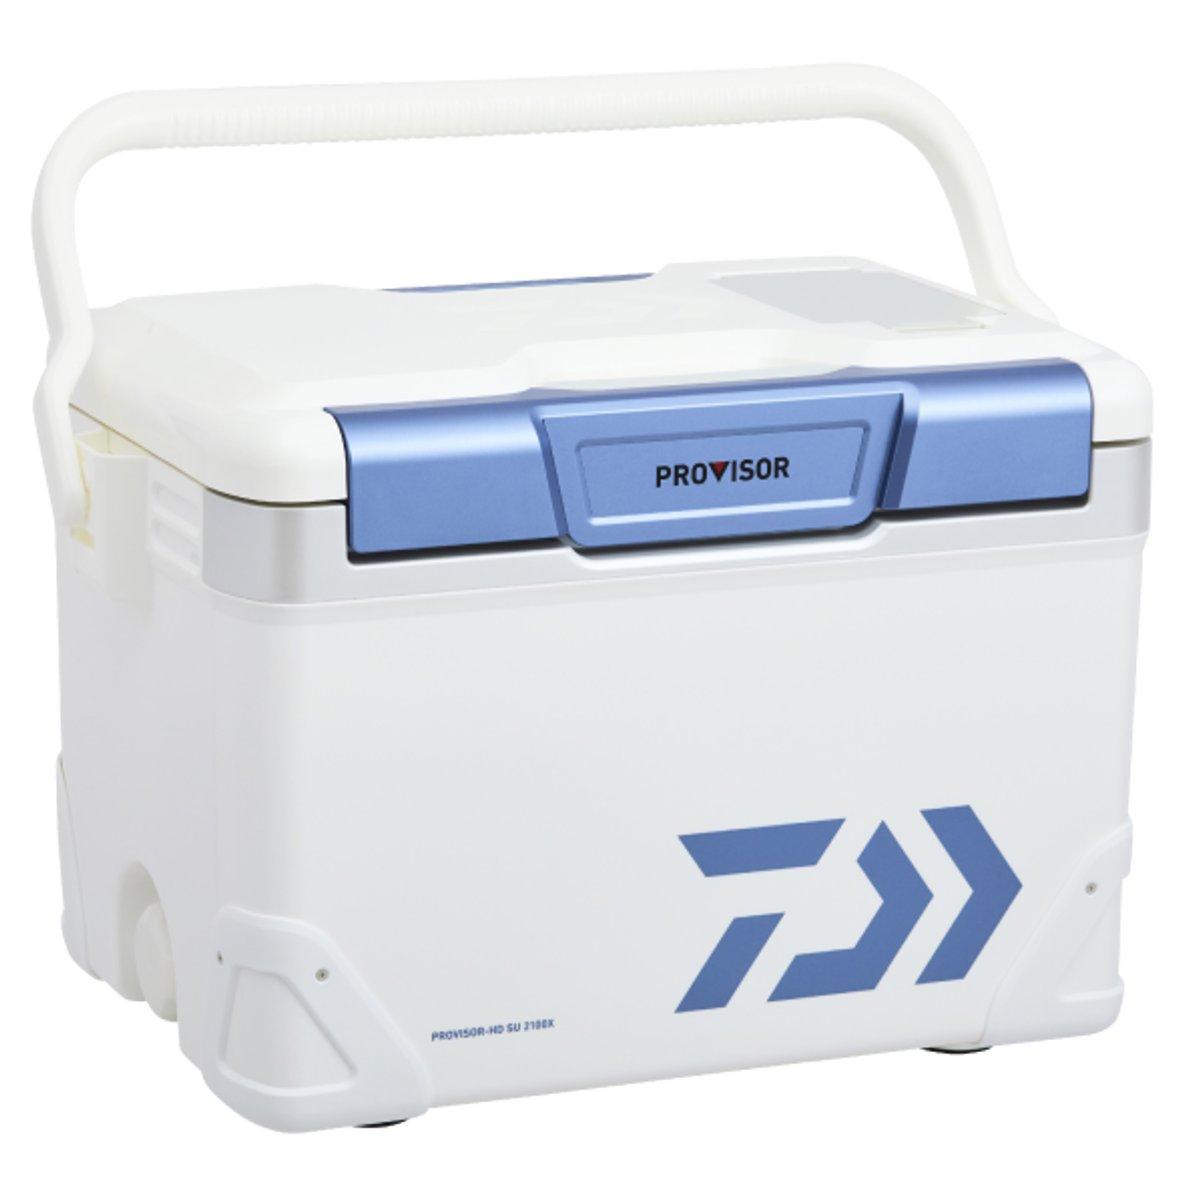 ダイワ プロバイザー HD SU 2100X アイスブルー クーラーボックス